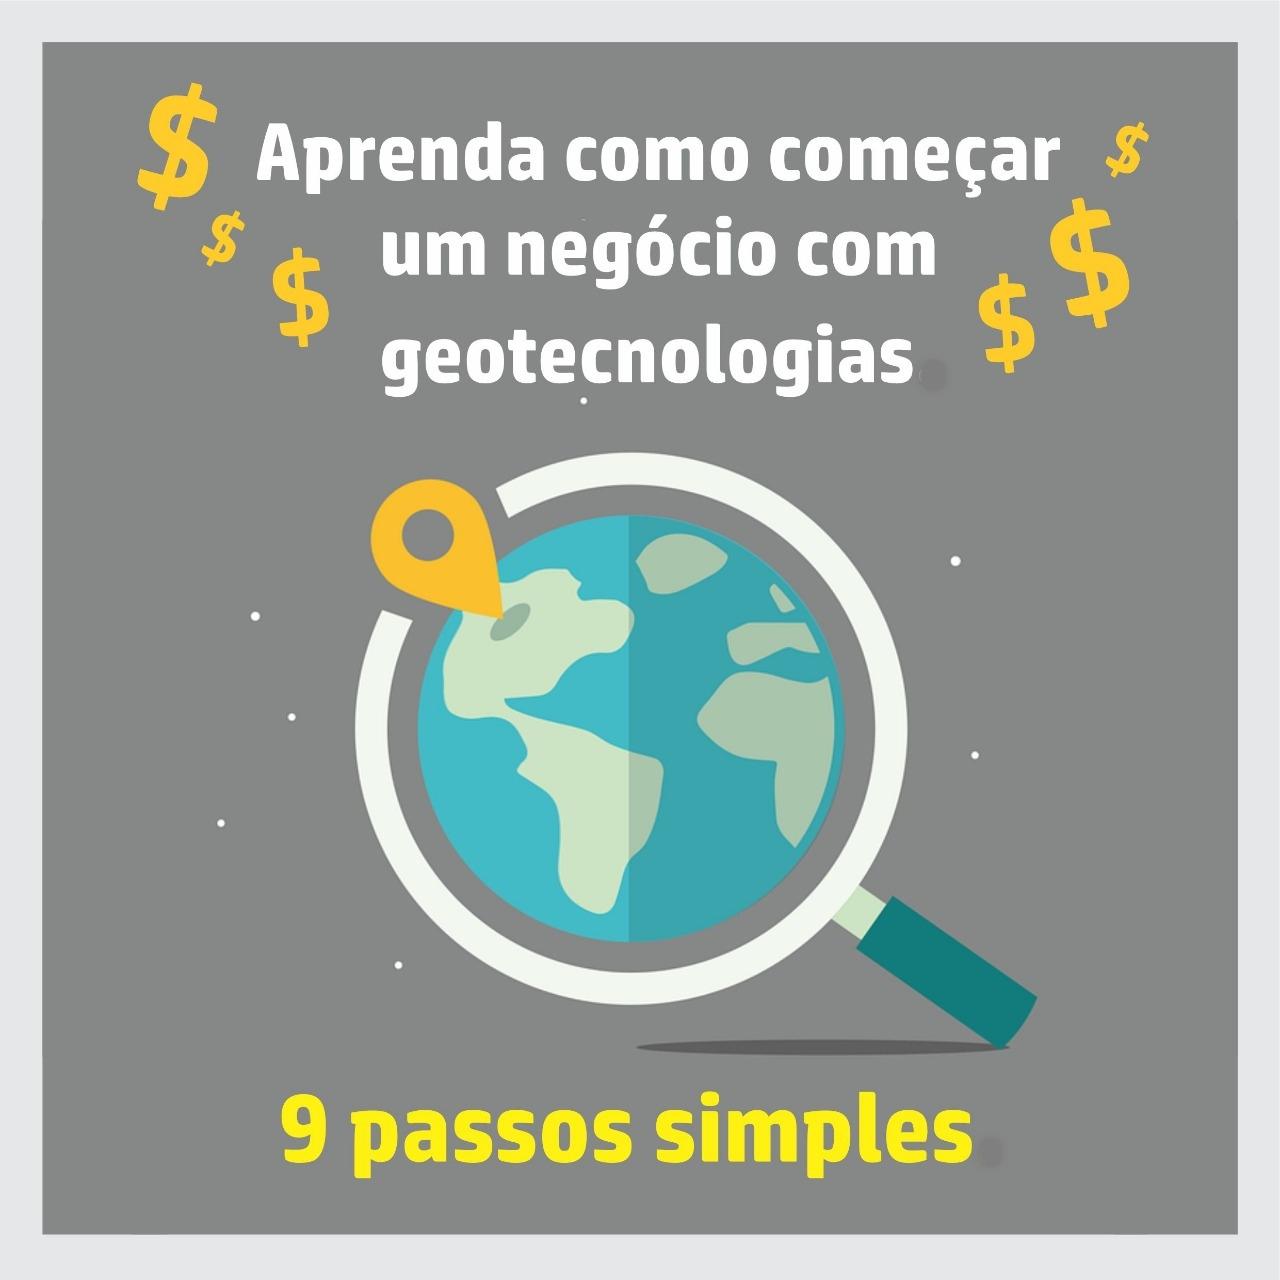 Capa Livro Aprenda Como Começar um Negócio com Geotecnologias